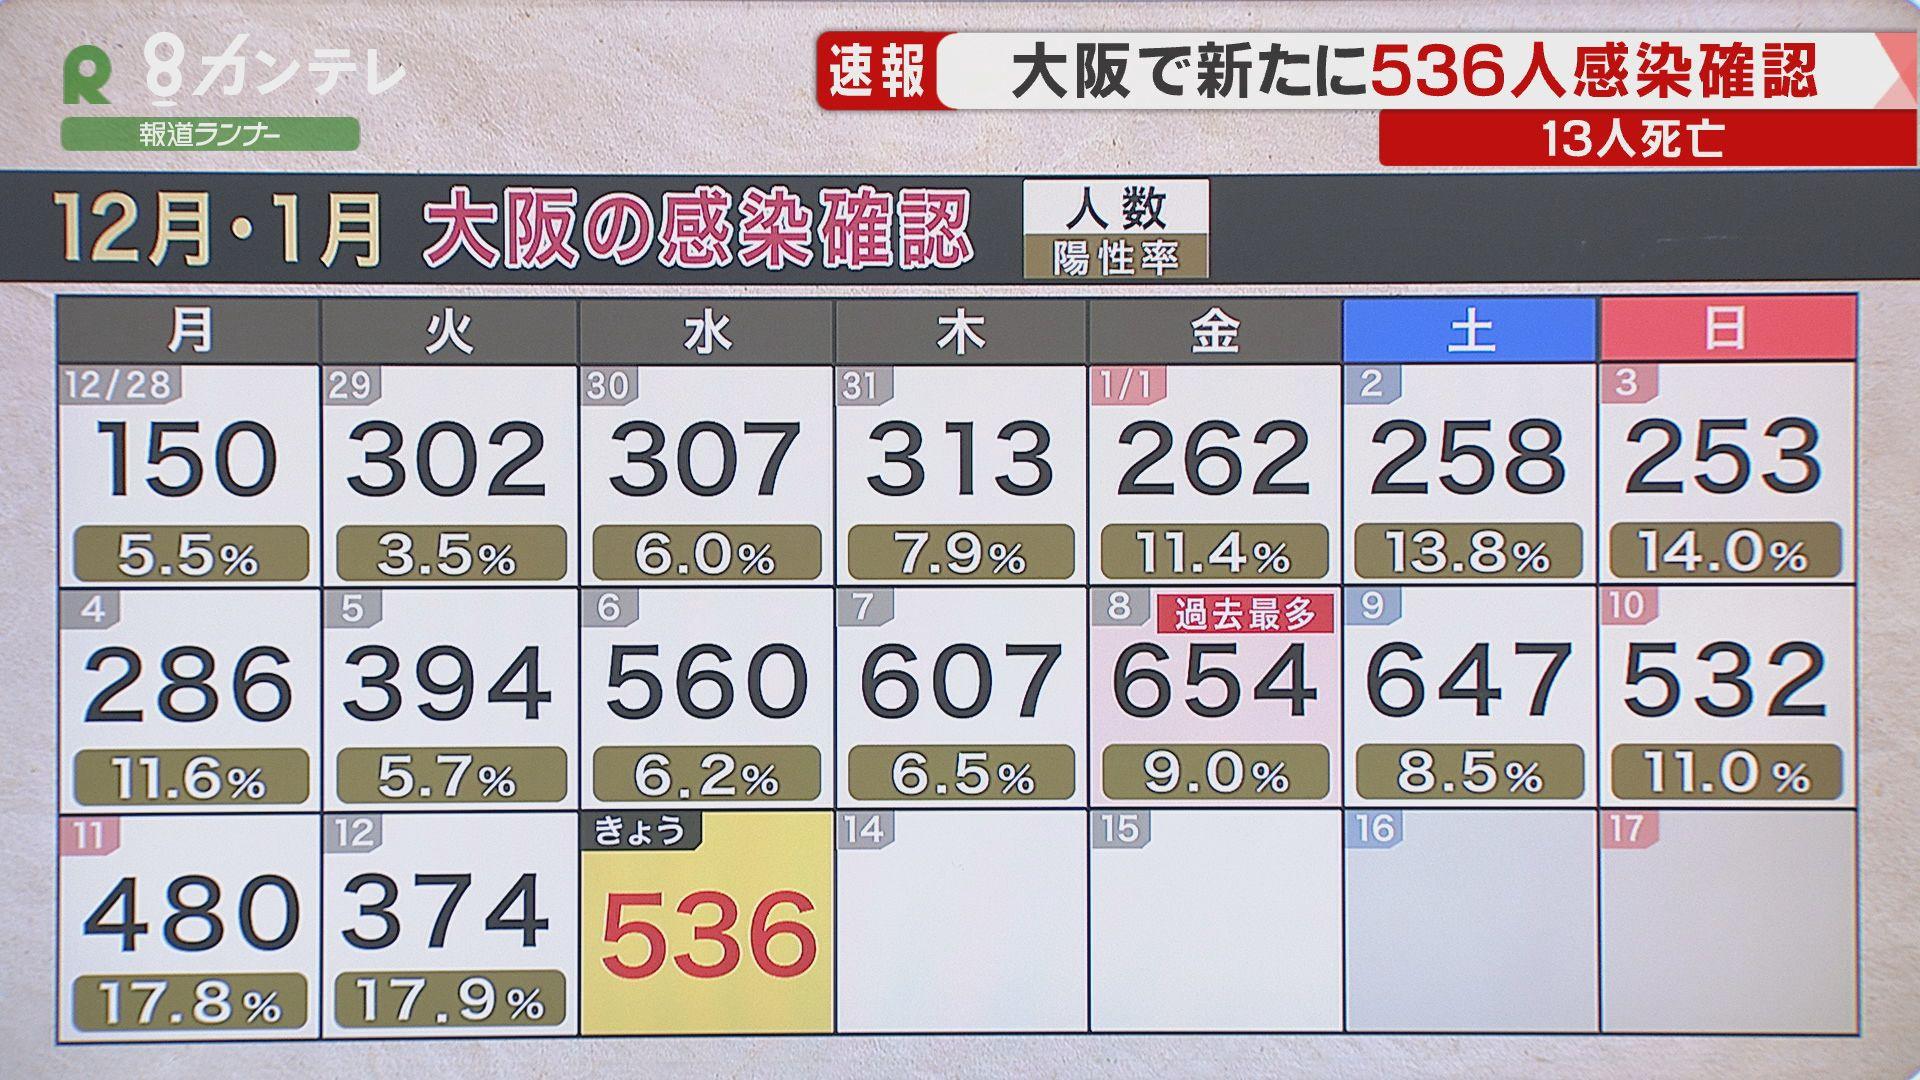 【速報】大阪で新たに536人の感染確認 感染者13人が死亡